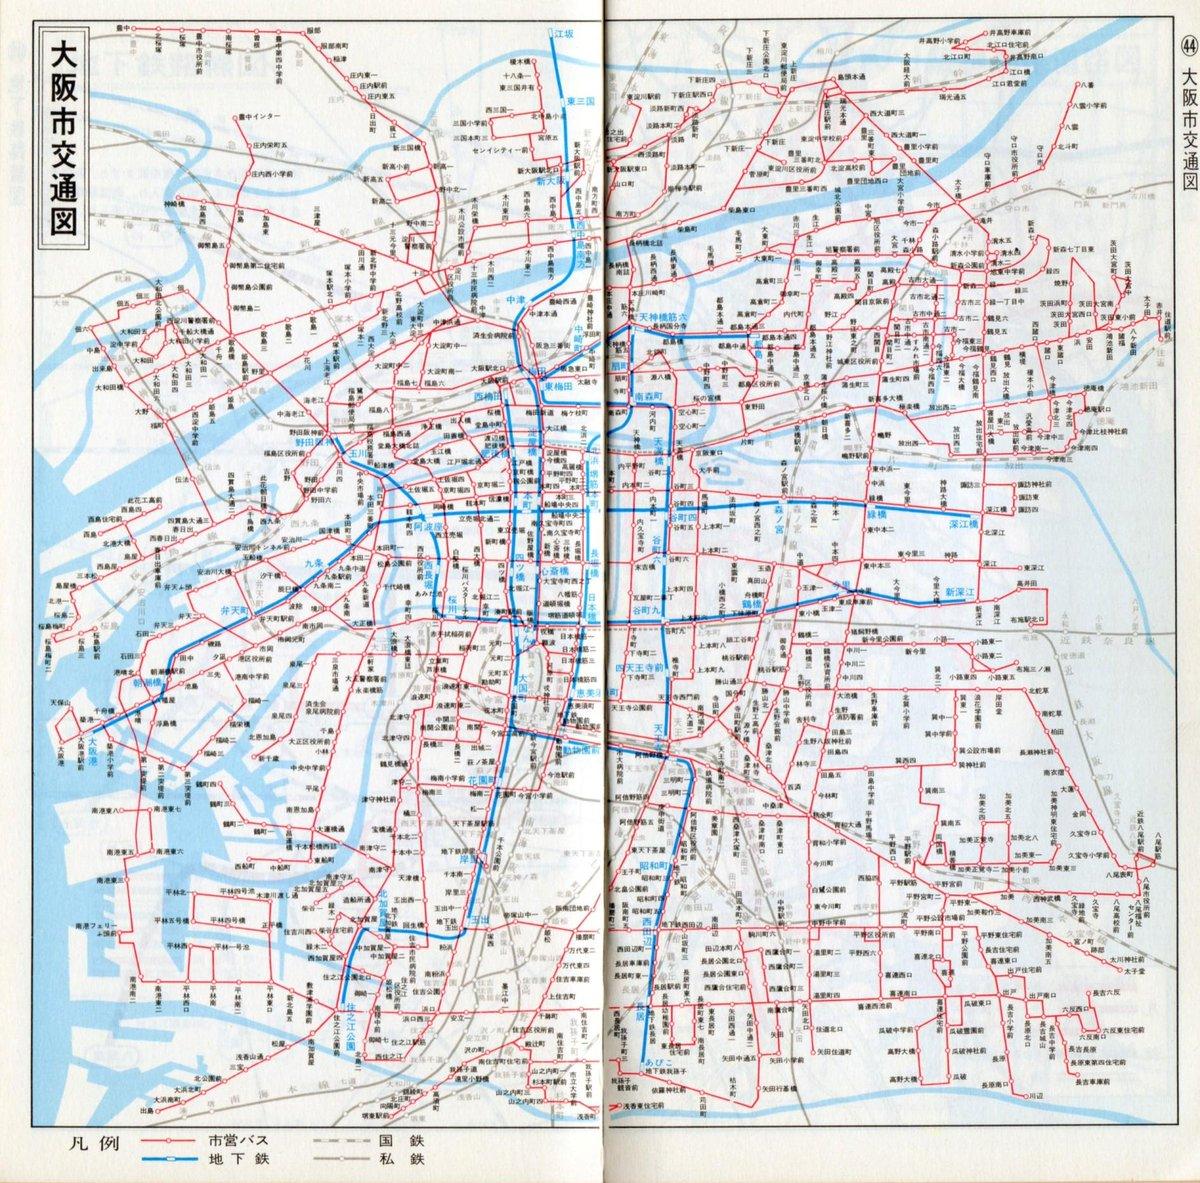 阪急バス 時刻表・路線図 | バス時刻表検索まとめ